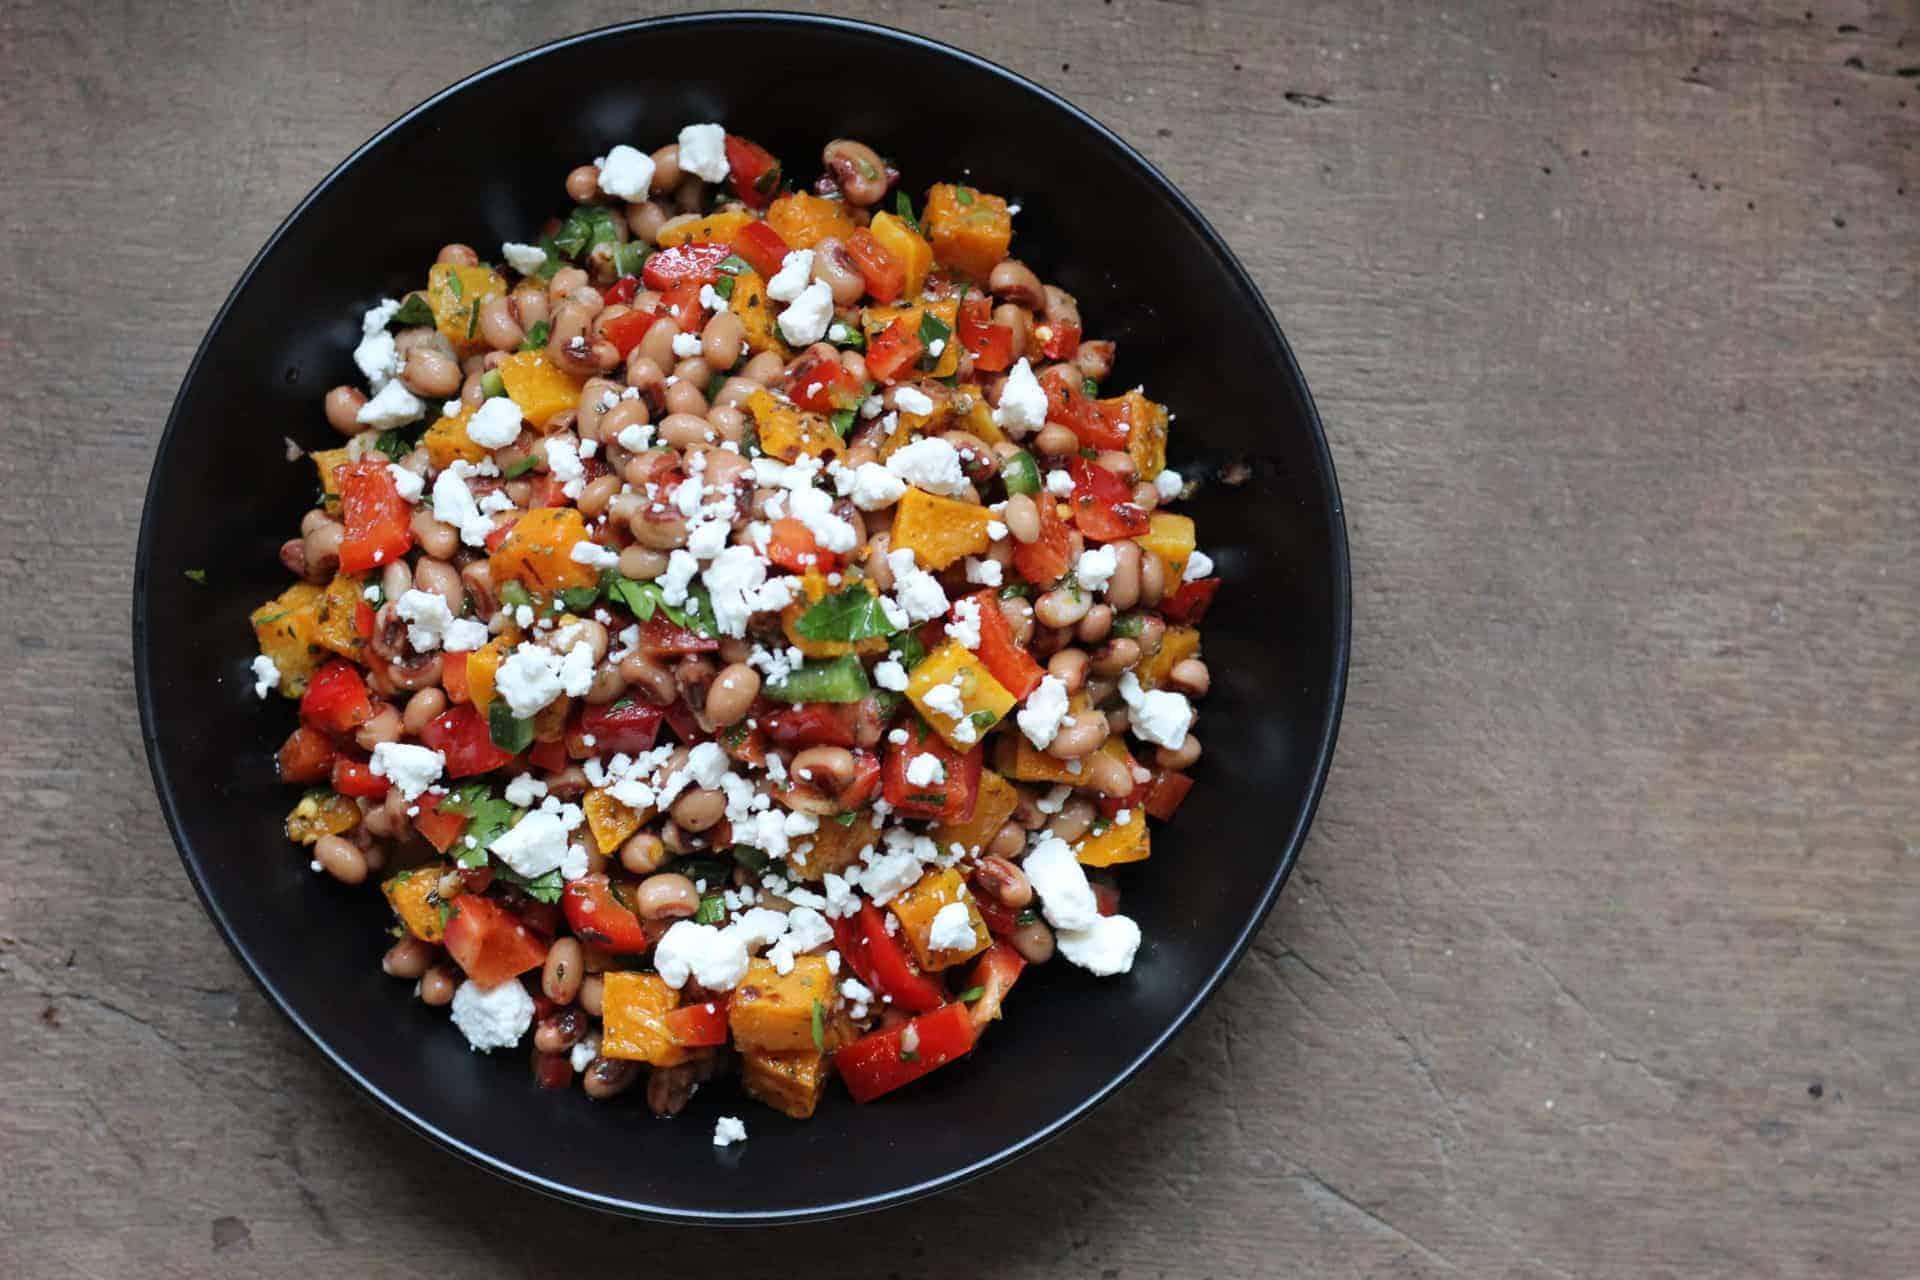 Mediterranean Diet, Mediterranean, Side Dish, Legumes, Heart Health, Gluten-Free, Salads, Quick & Easy, Vegetarian, Fall